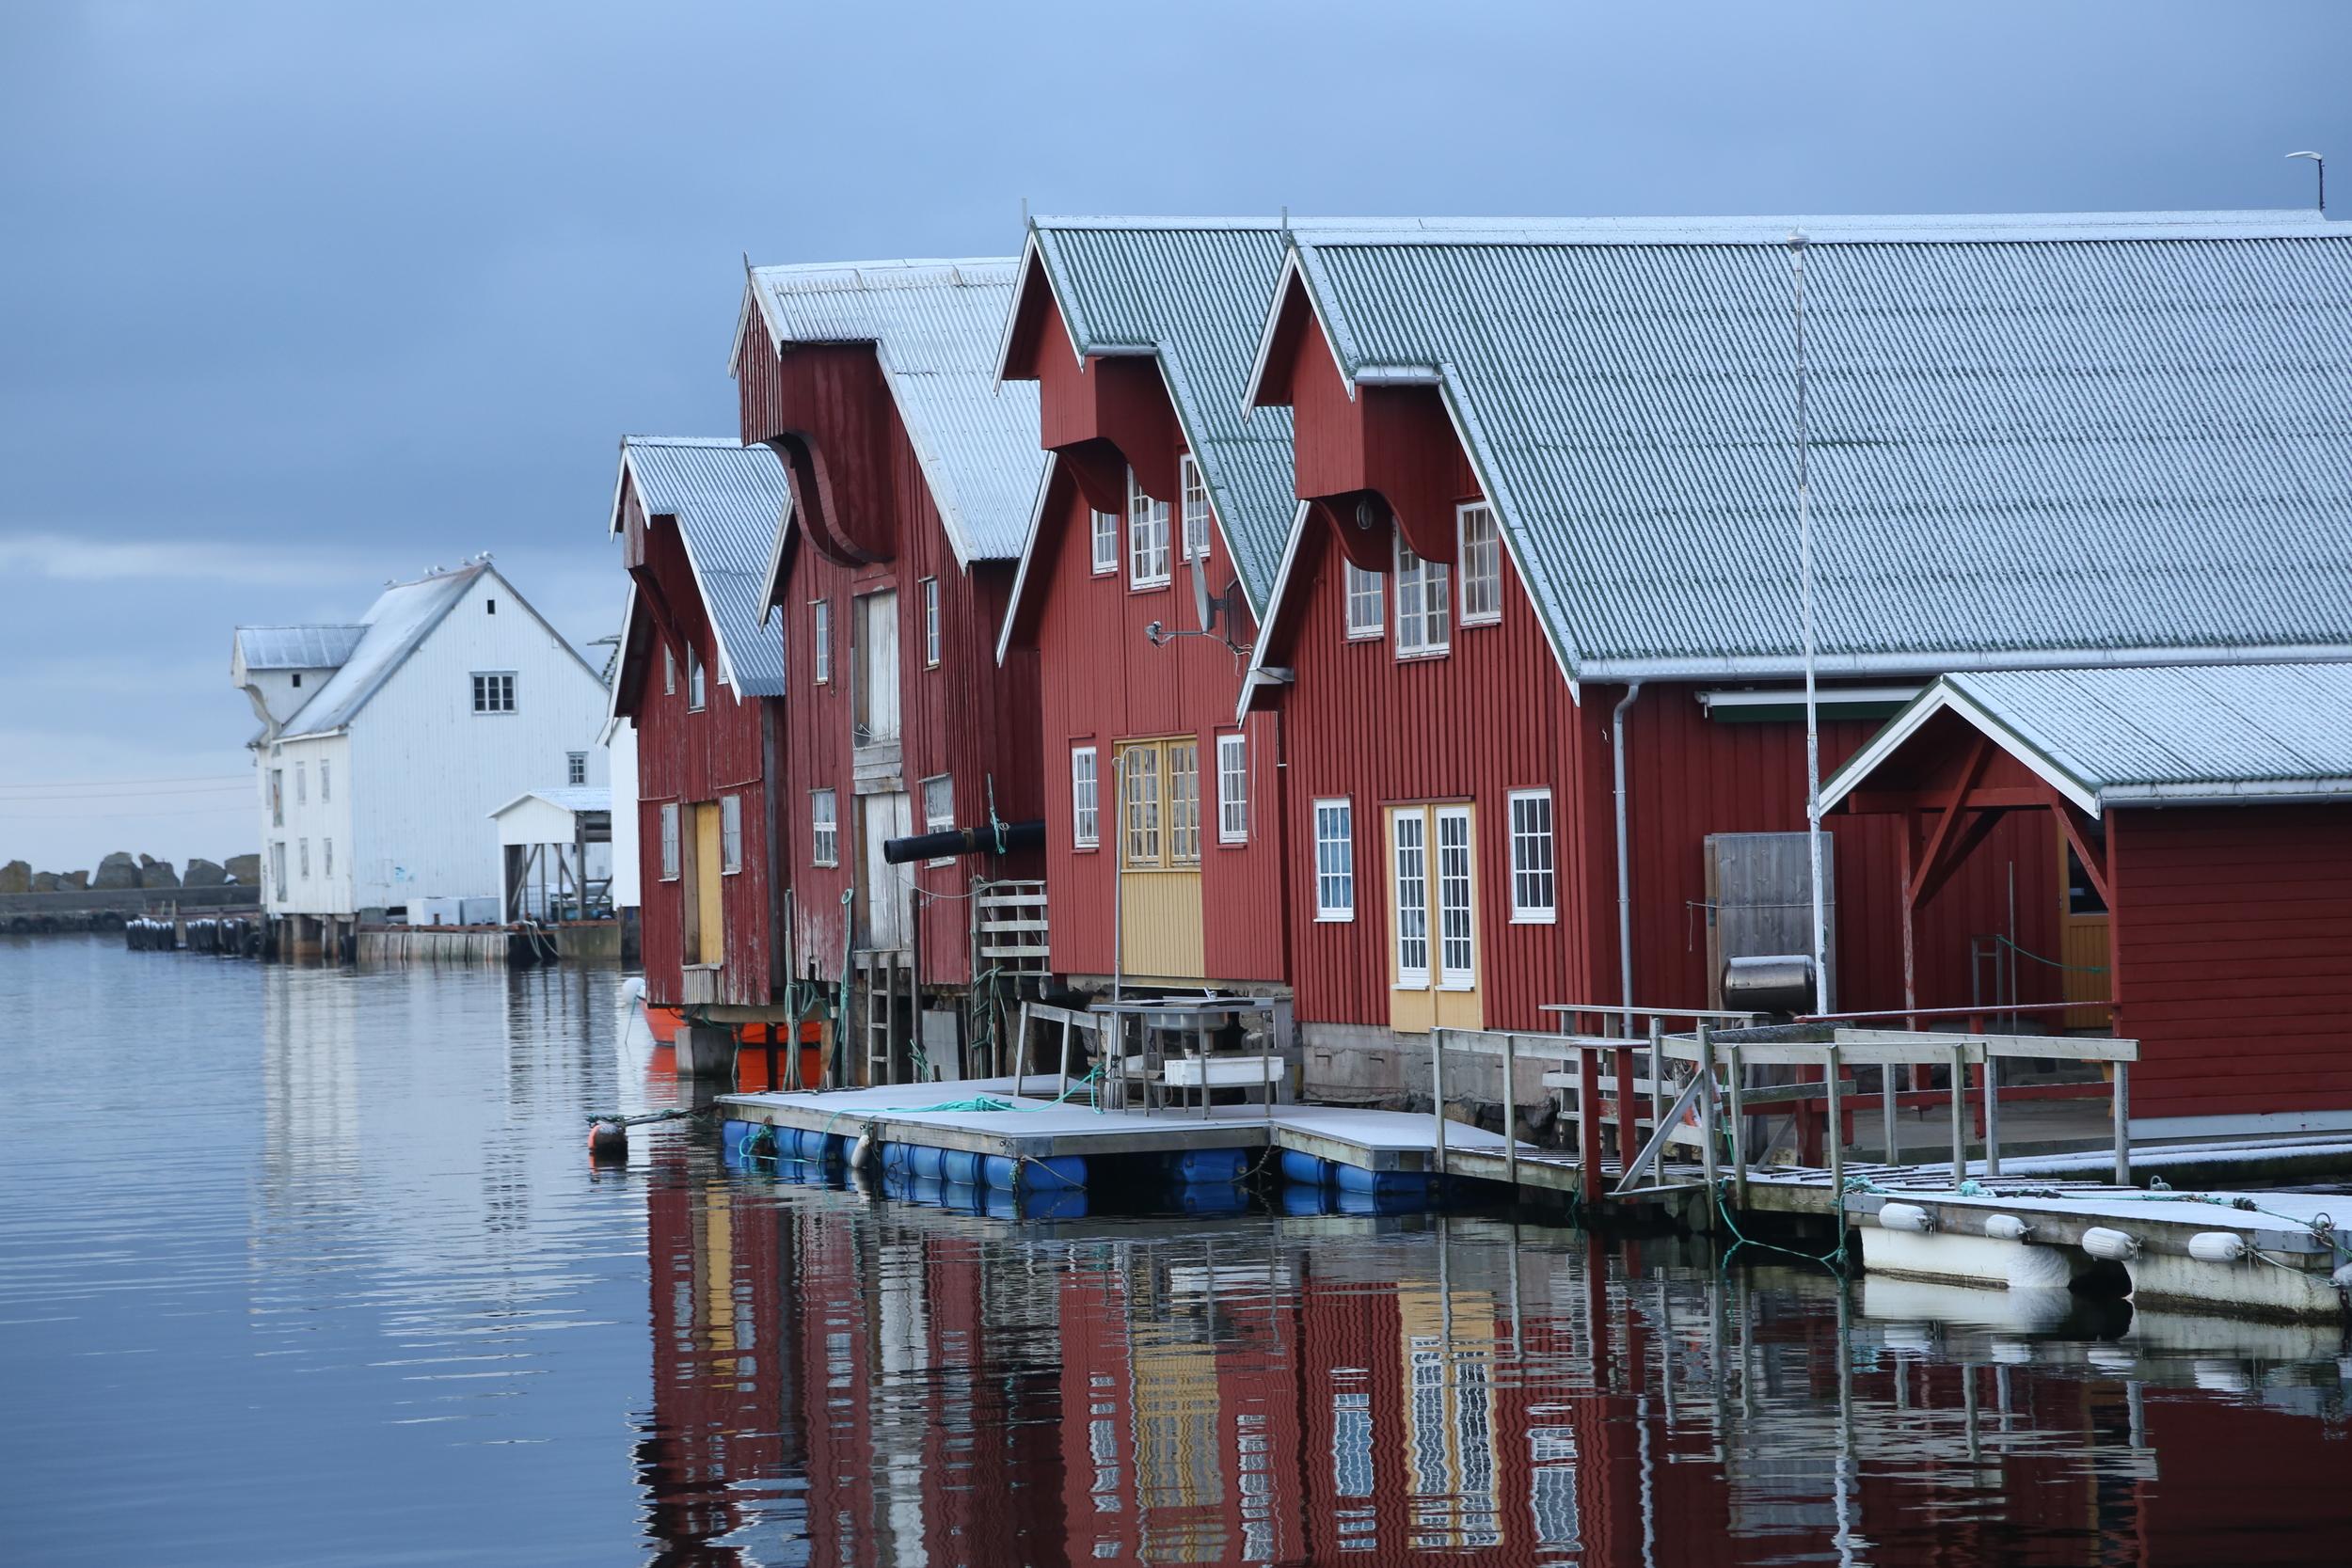 Fra Bud i Romsdal Foto: Odd Roar Lange